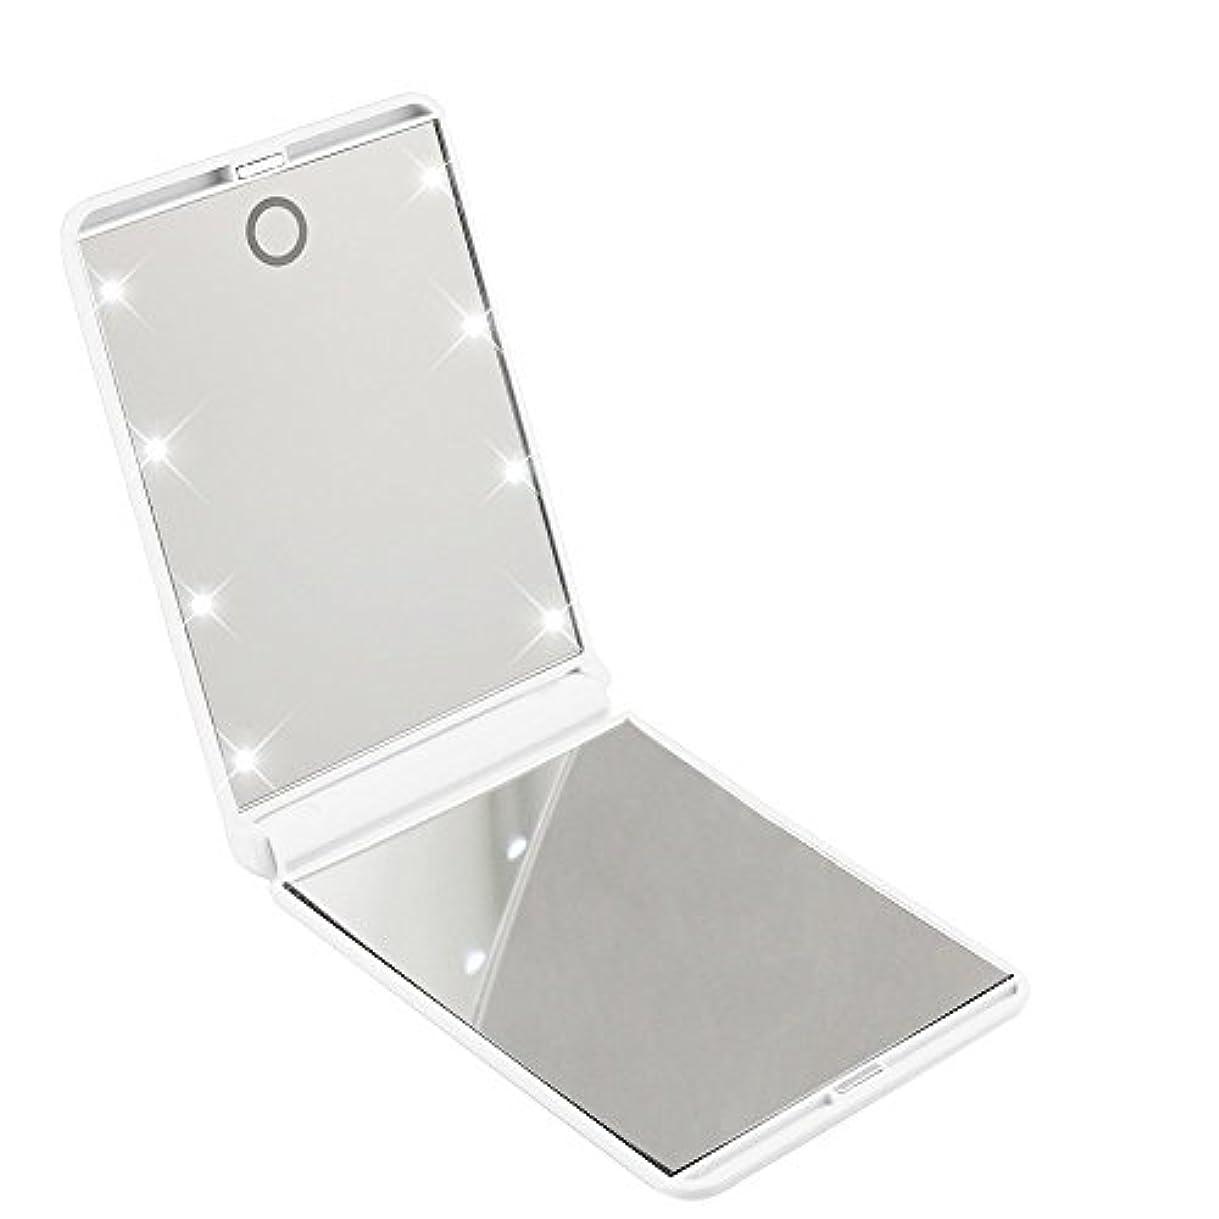 ステンレスのれんバンガローled化粧鏡 二面鏡 折りたたみ式 LEDライト メイクミラー 明るさ調整 コンパクトミラー 2倍拡大鏡付 ホワイト